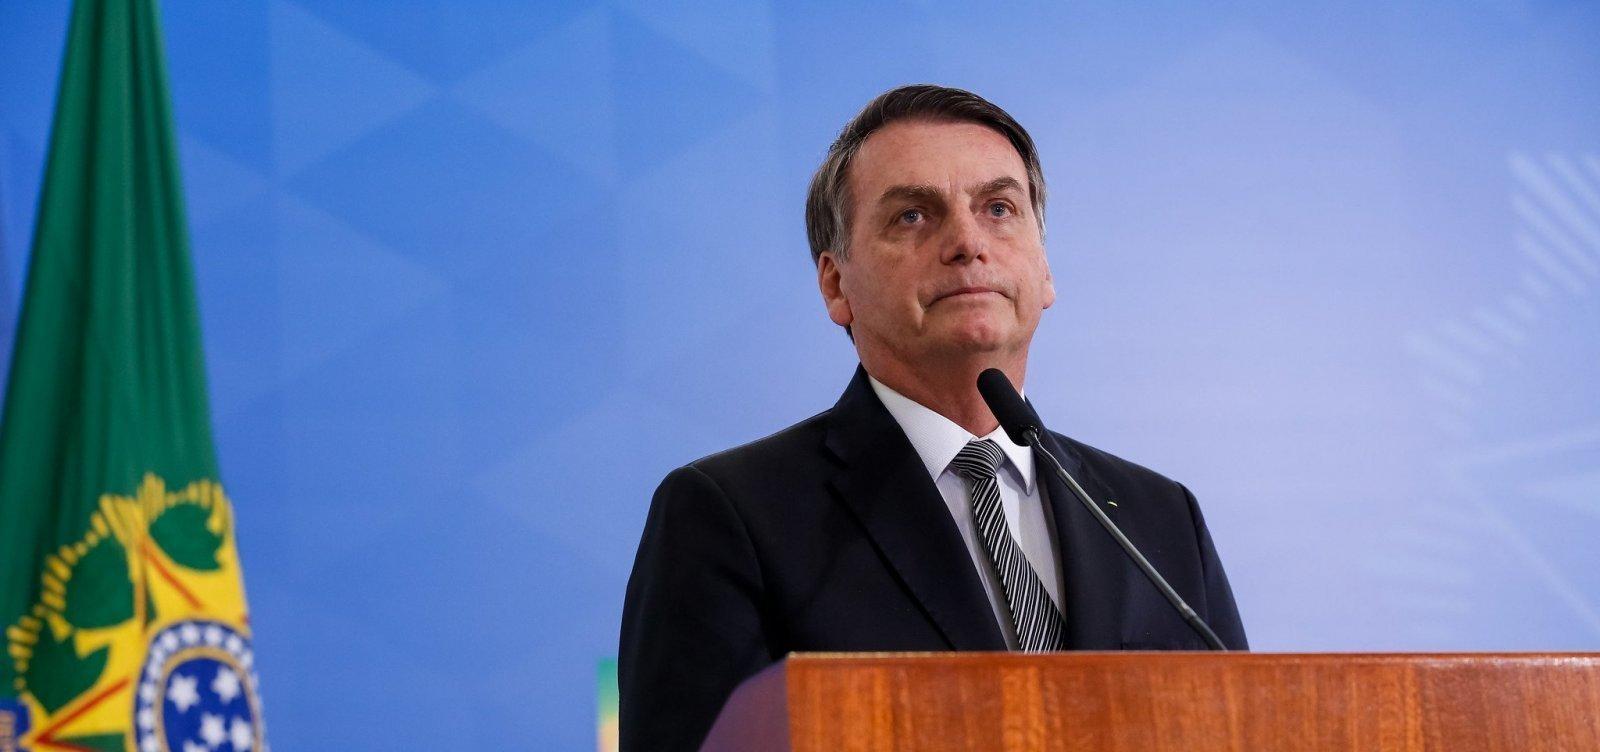 Assessores de Jair Bolsonaro na Câmara dos Deputados sacaram 72% do salário